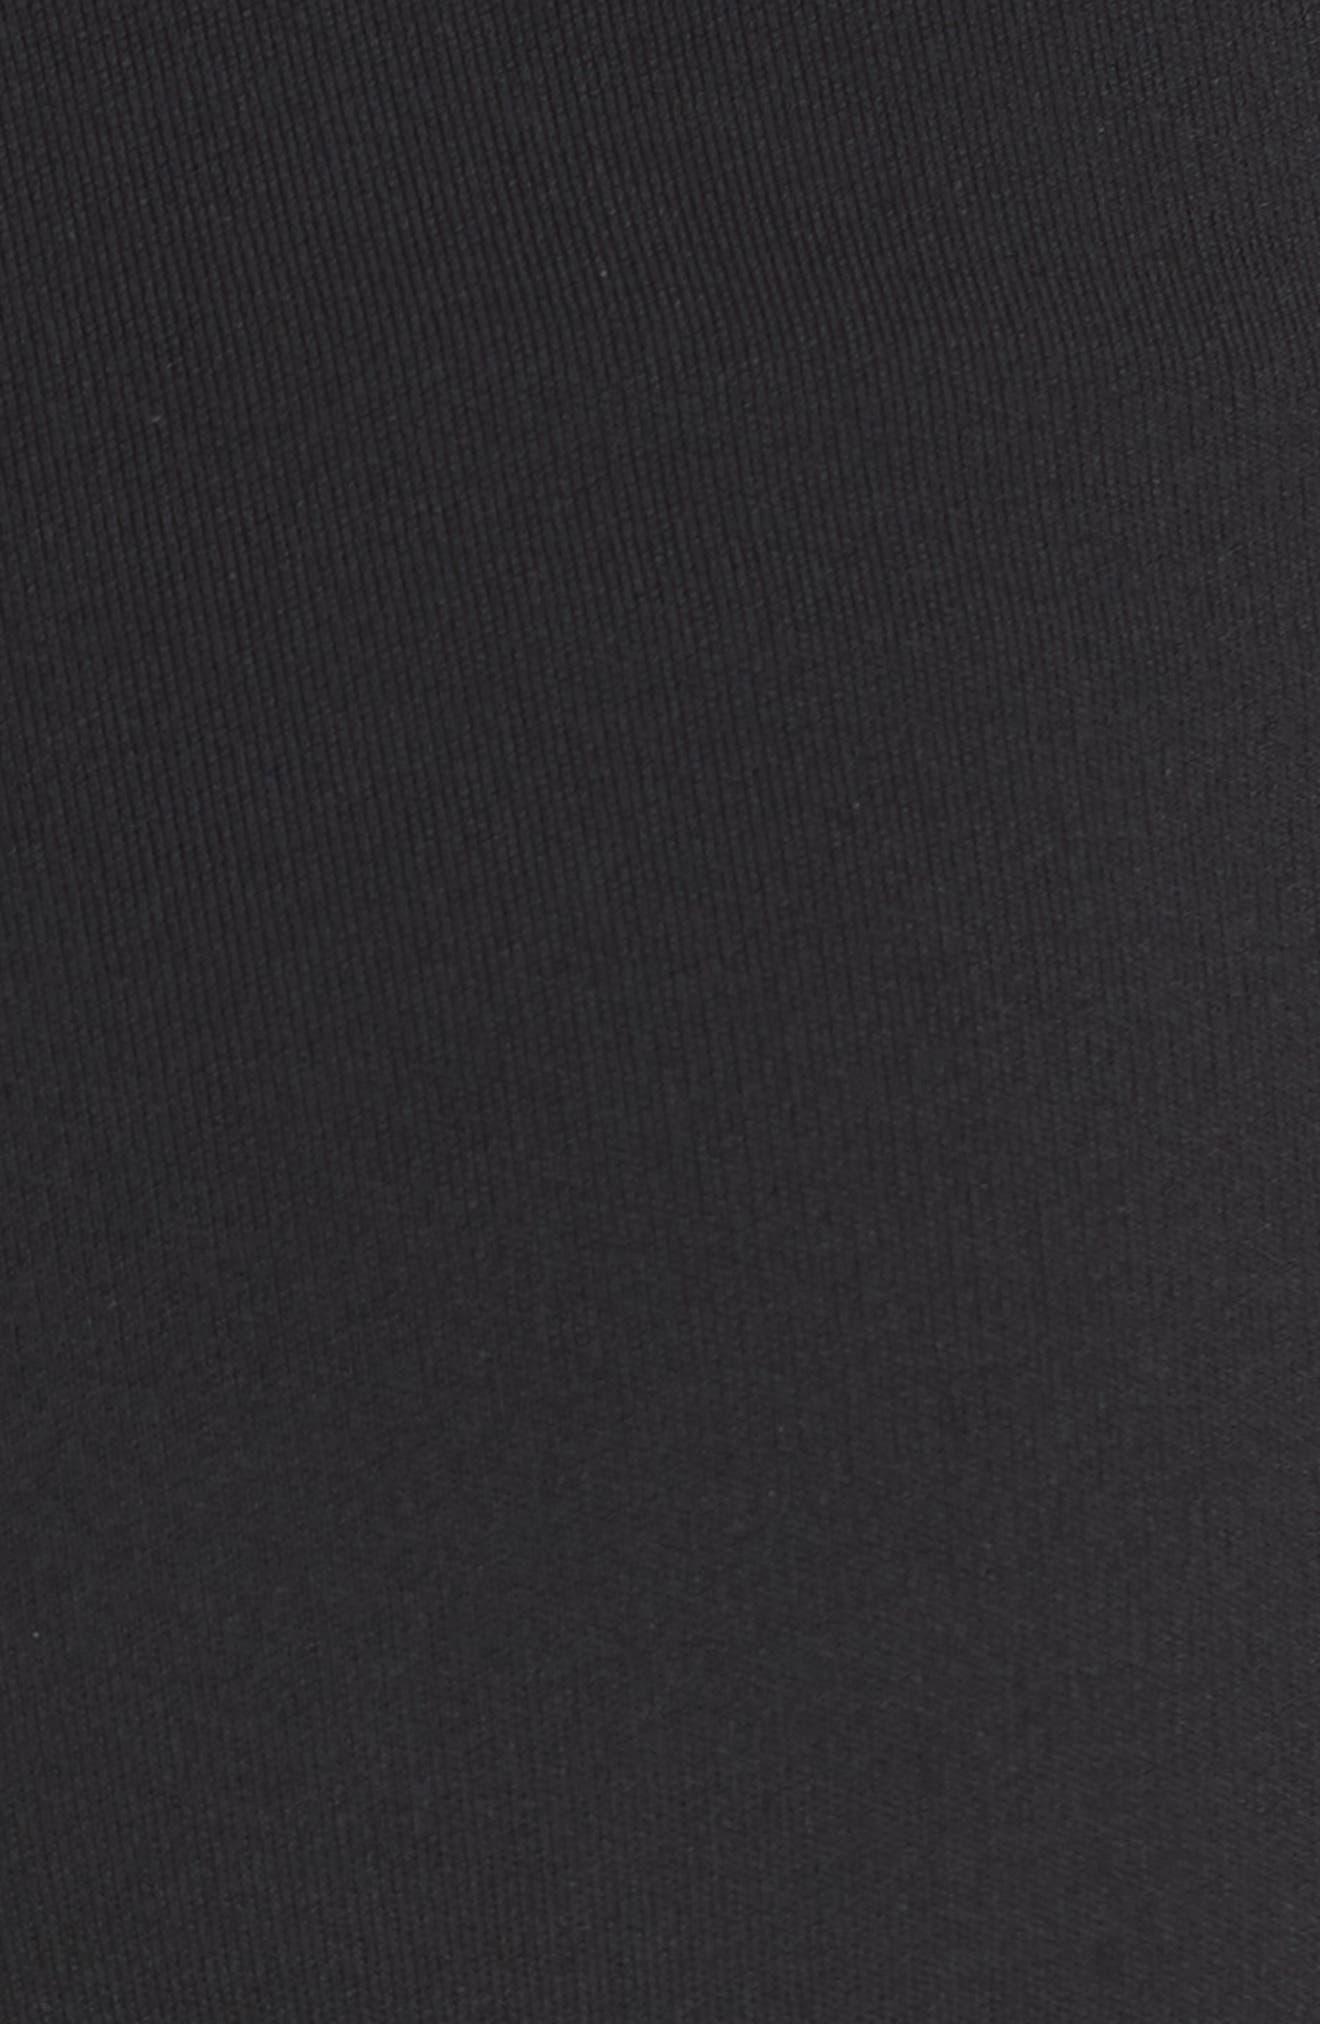 Henriet K Lustrate Wide Leg Crop Pants,                             Alternate thumbnail 5, color,                             Black